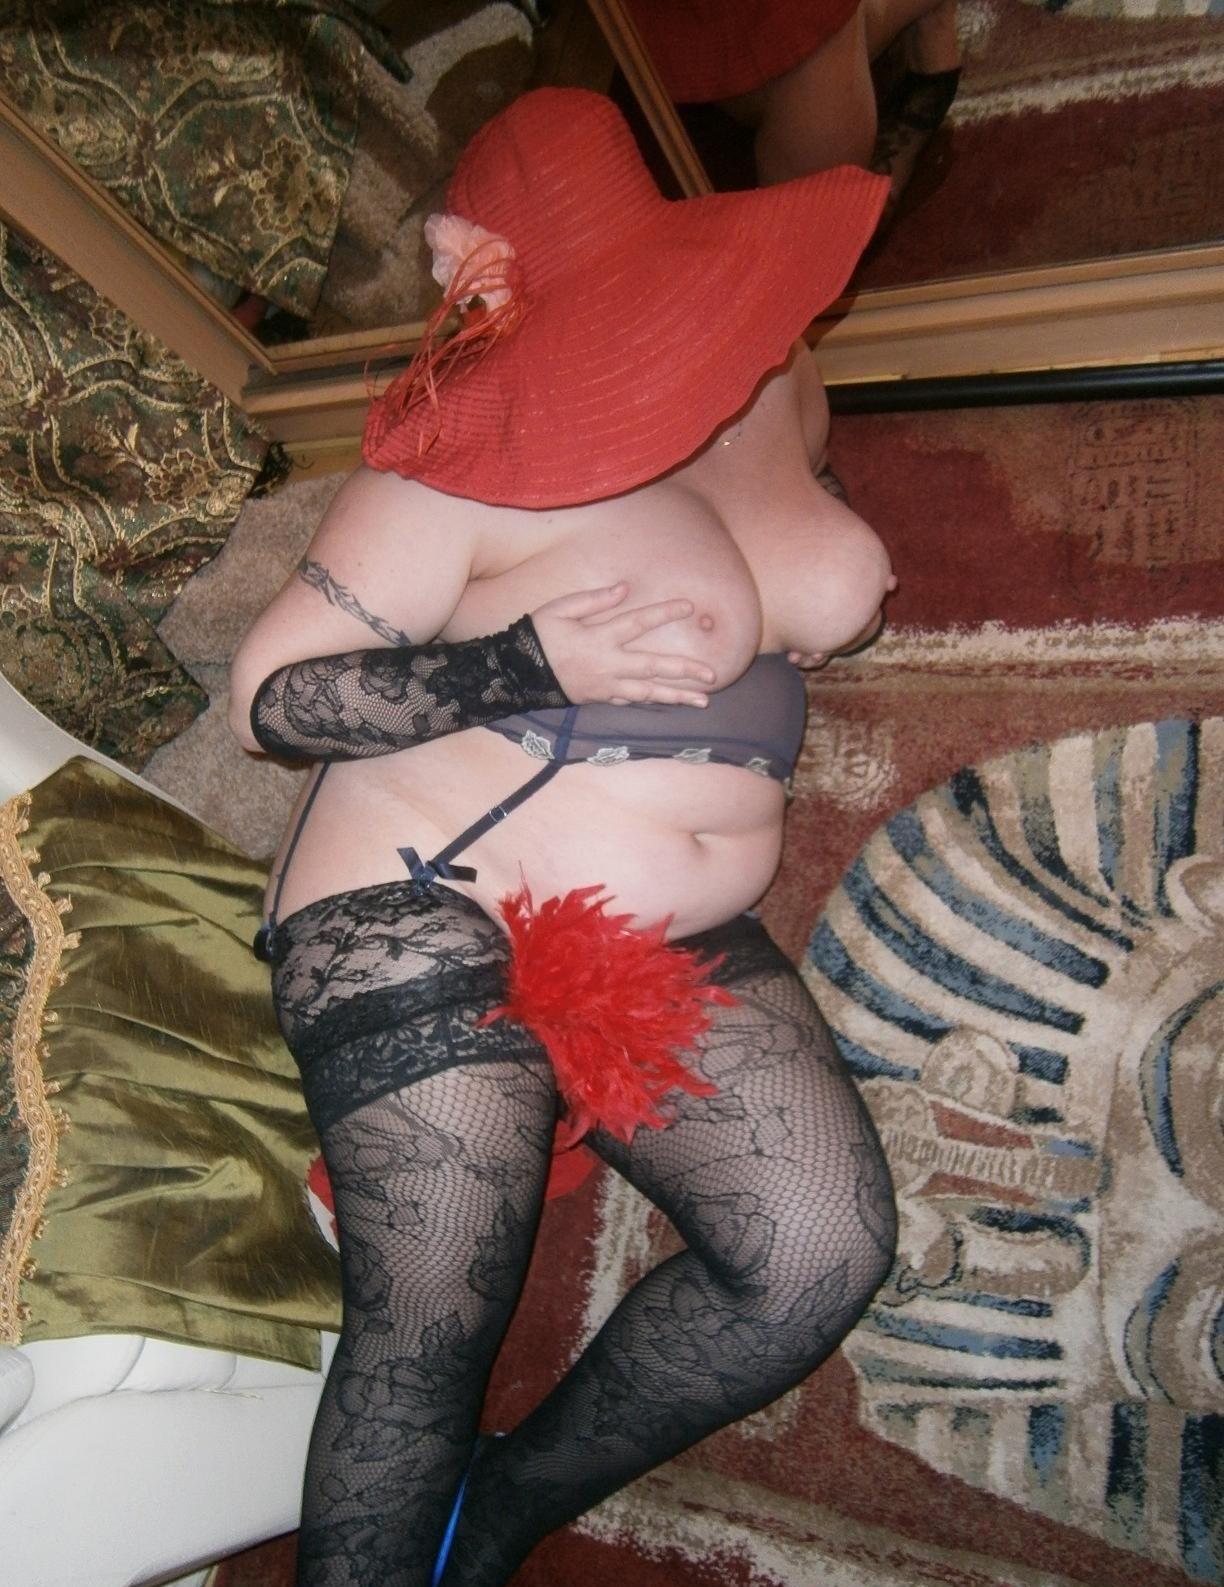 Проститутки ниж на полчаса